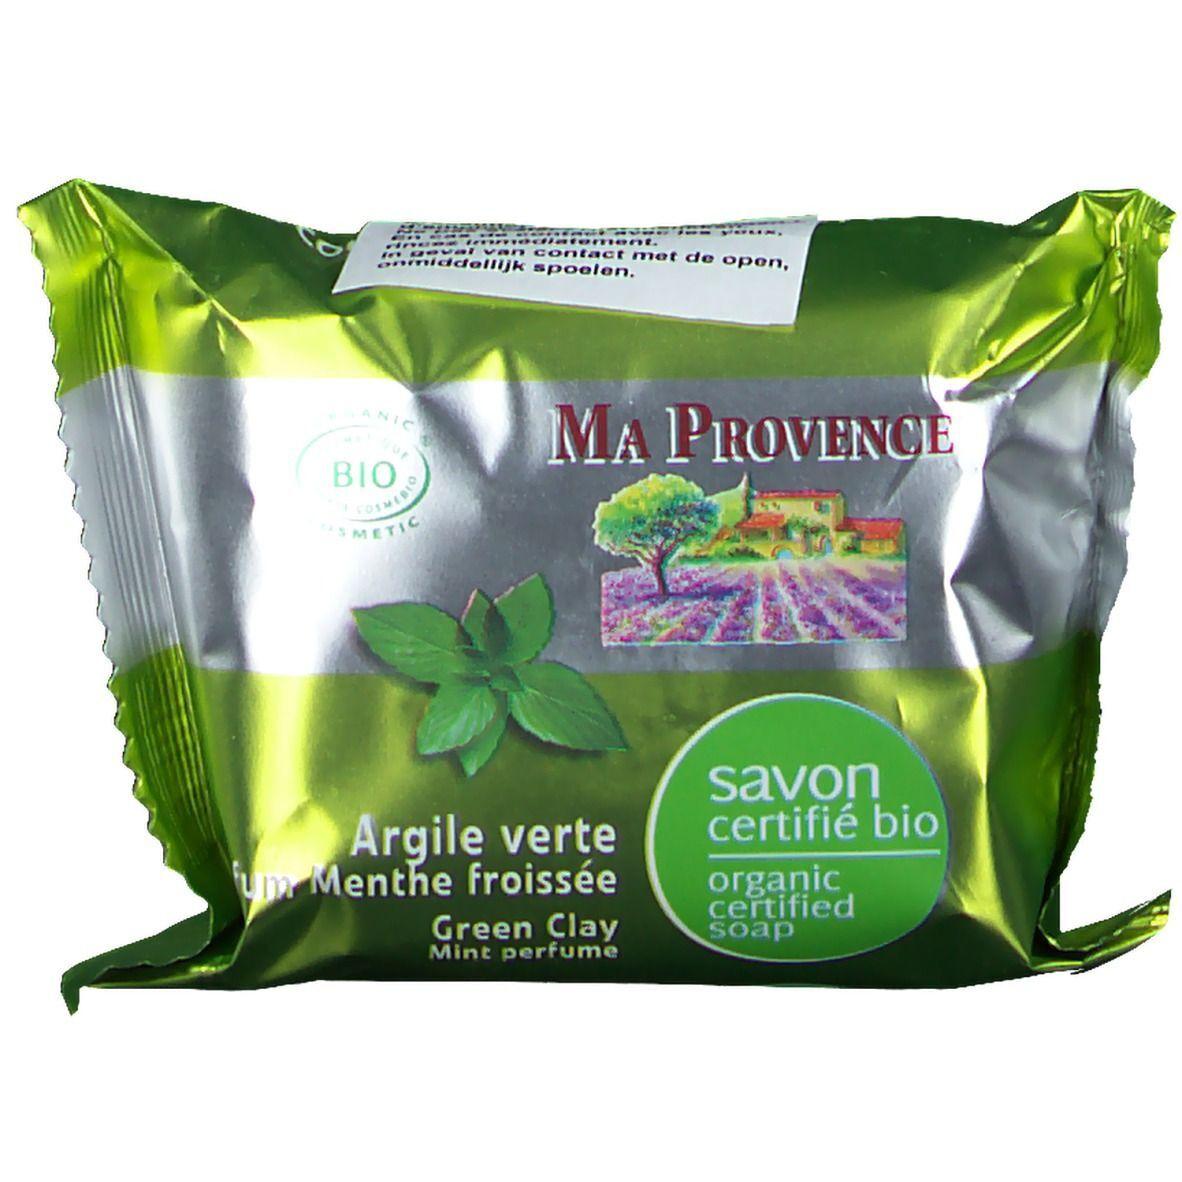 Ma Provence® Savon bio à l'Argile verte naturelle parfum Menthe froissée g savon